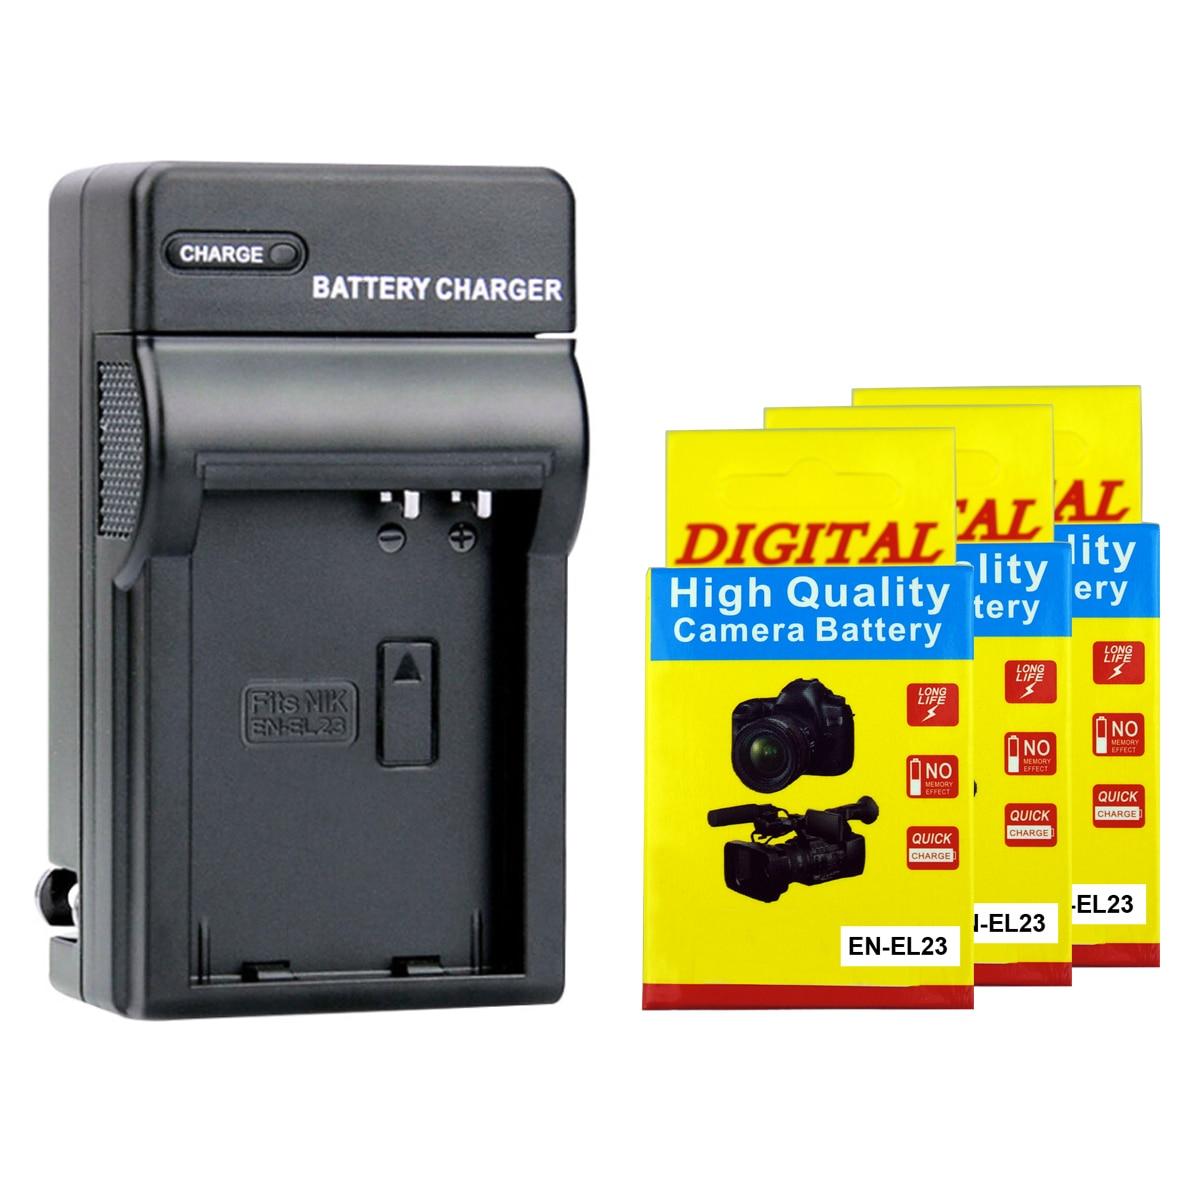 2000mAh li-ion batterie EN-EL23 ENEL23 EN EL23 + Chargeur Pour Nikon Coolpix P600 PM159 P610S S810c P900S P900